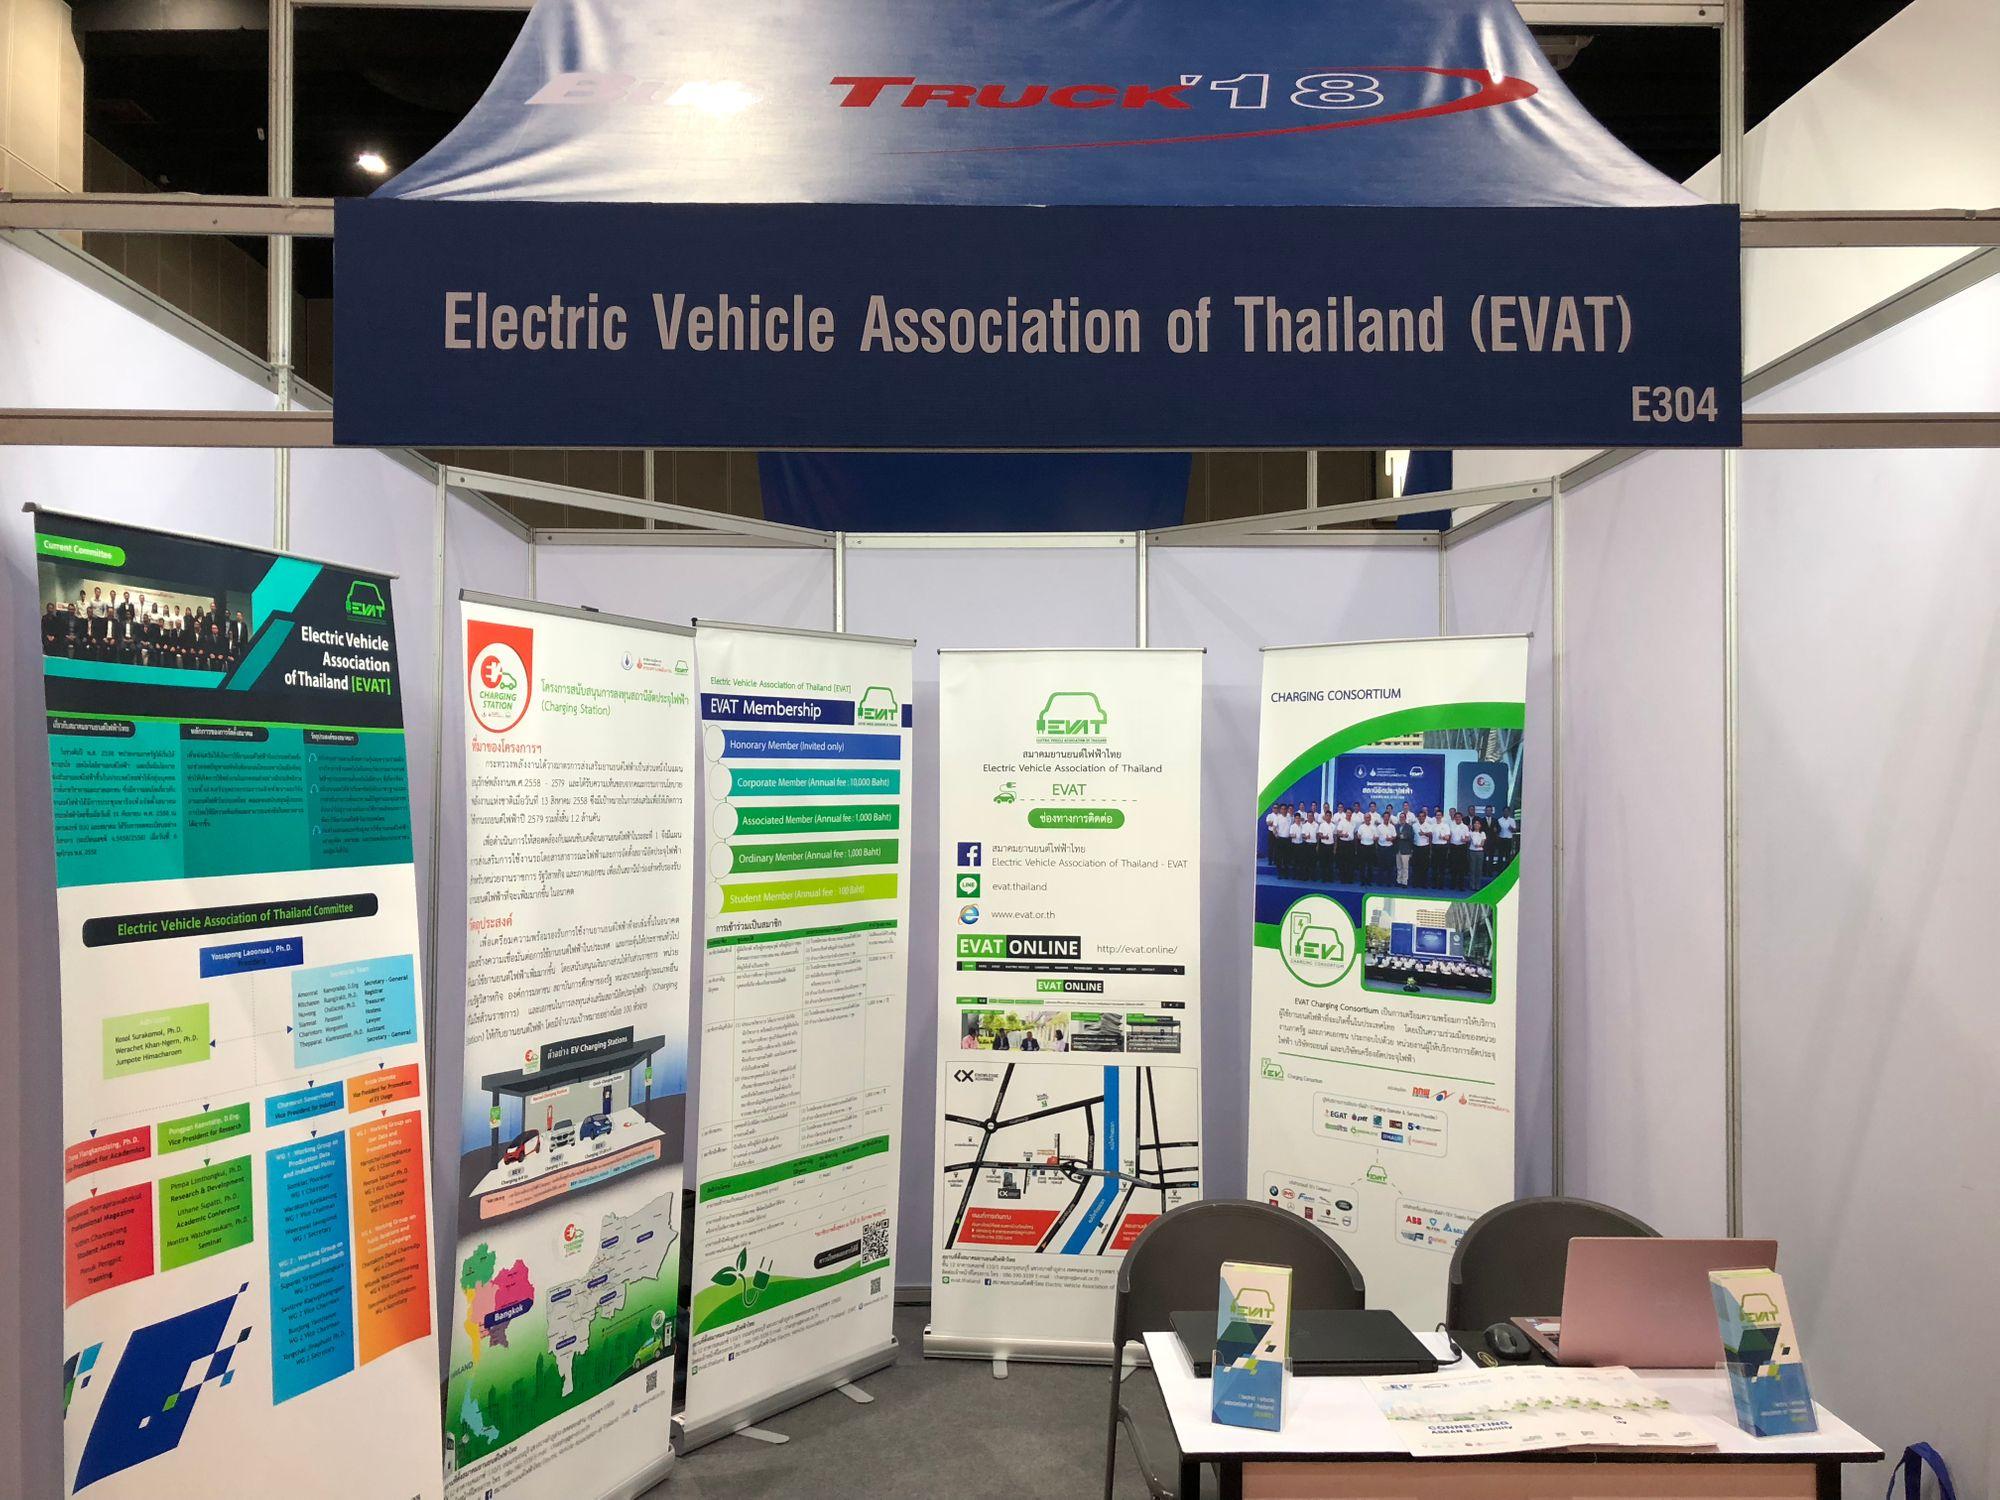 สมาคมยานยนต์ไฟฟ้าไทยได้รับเกียรติให้เข้าร่วมพิธีเปิดและออกบูธในงาน Bus & Tuck '18